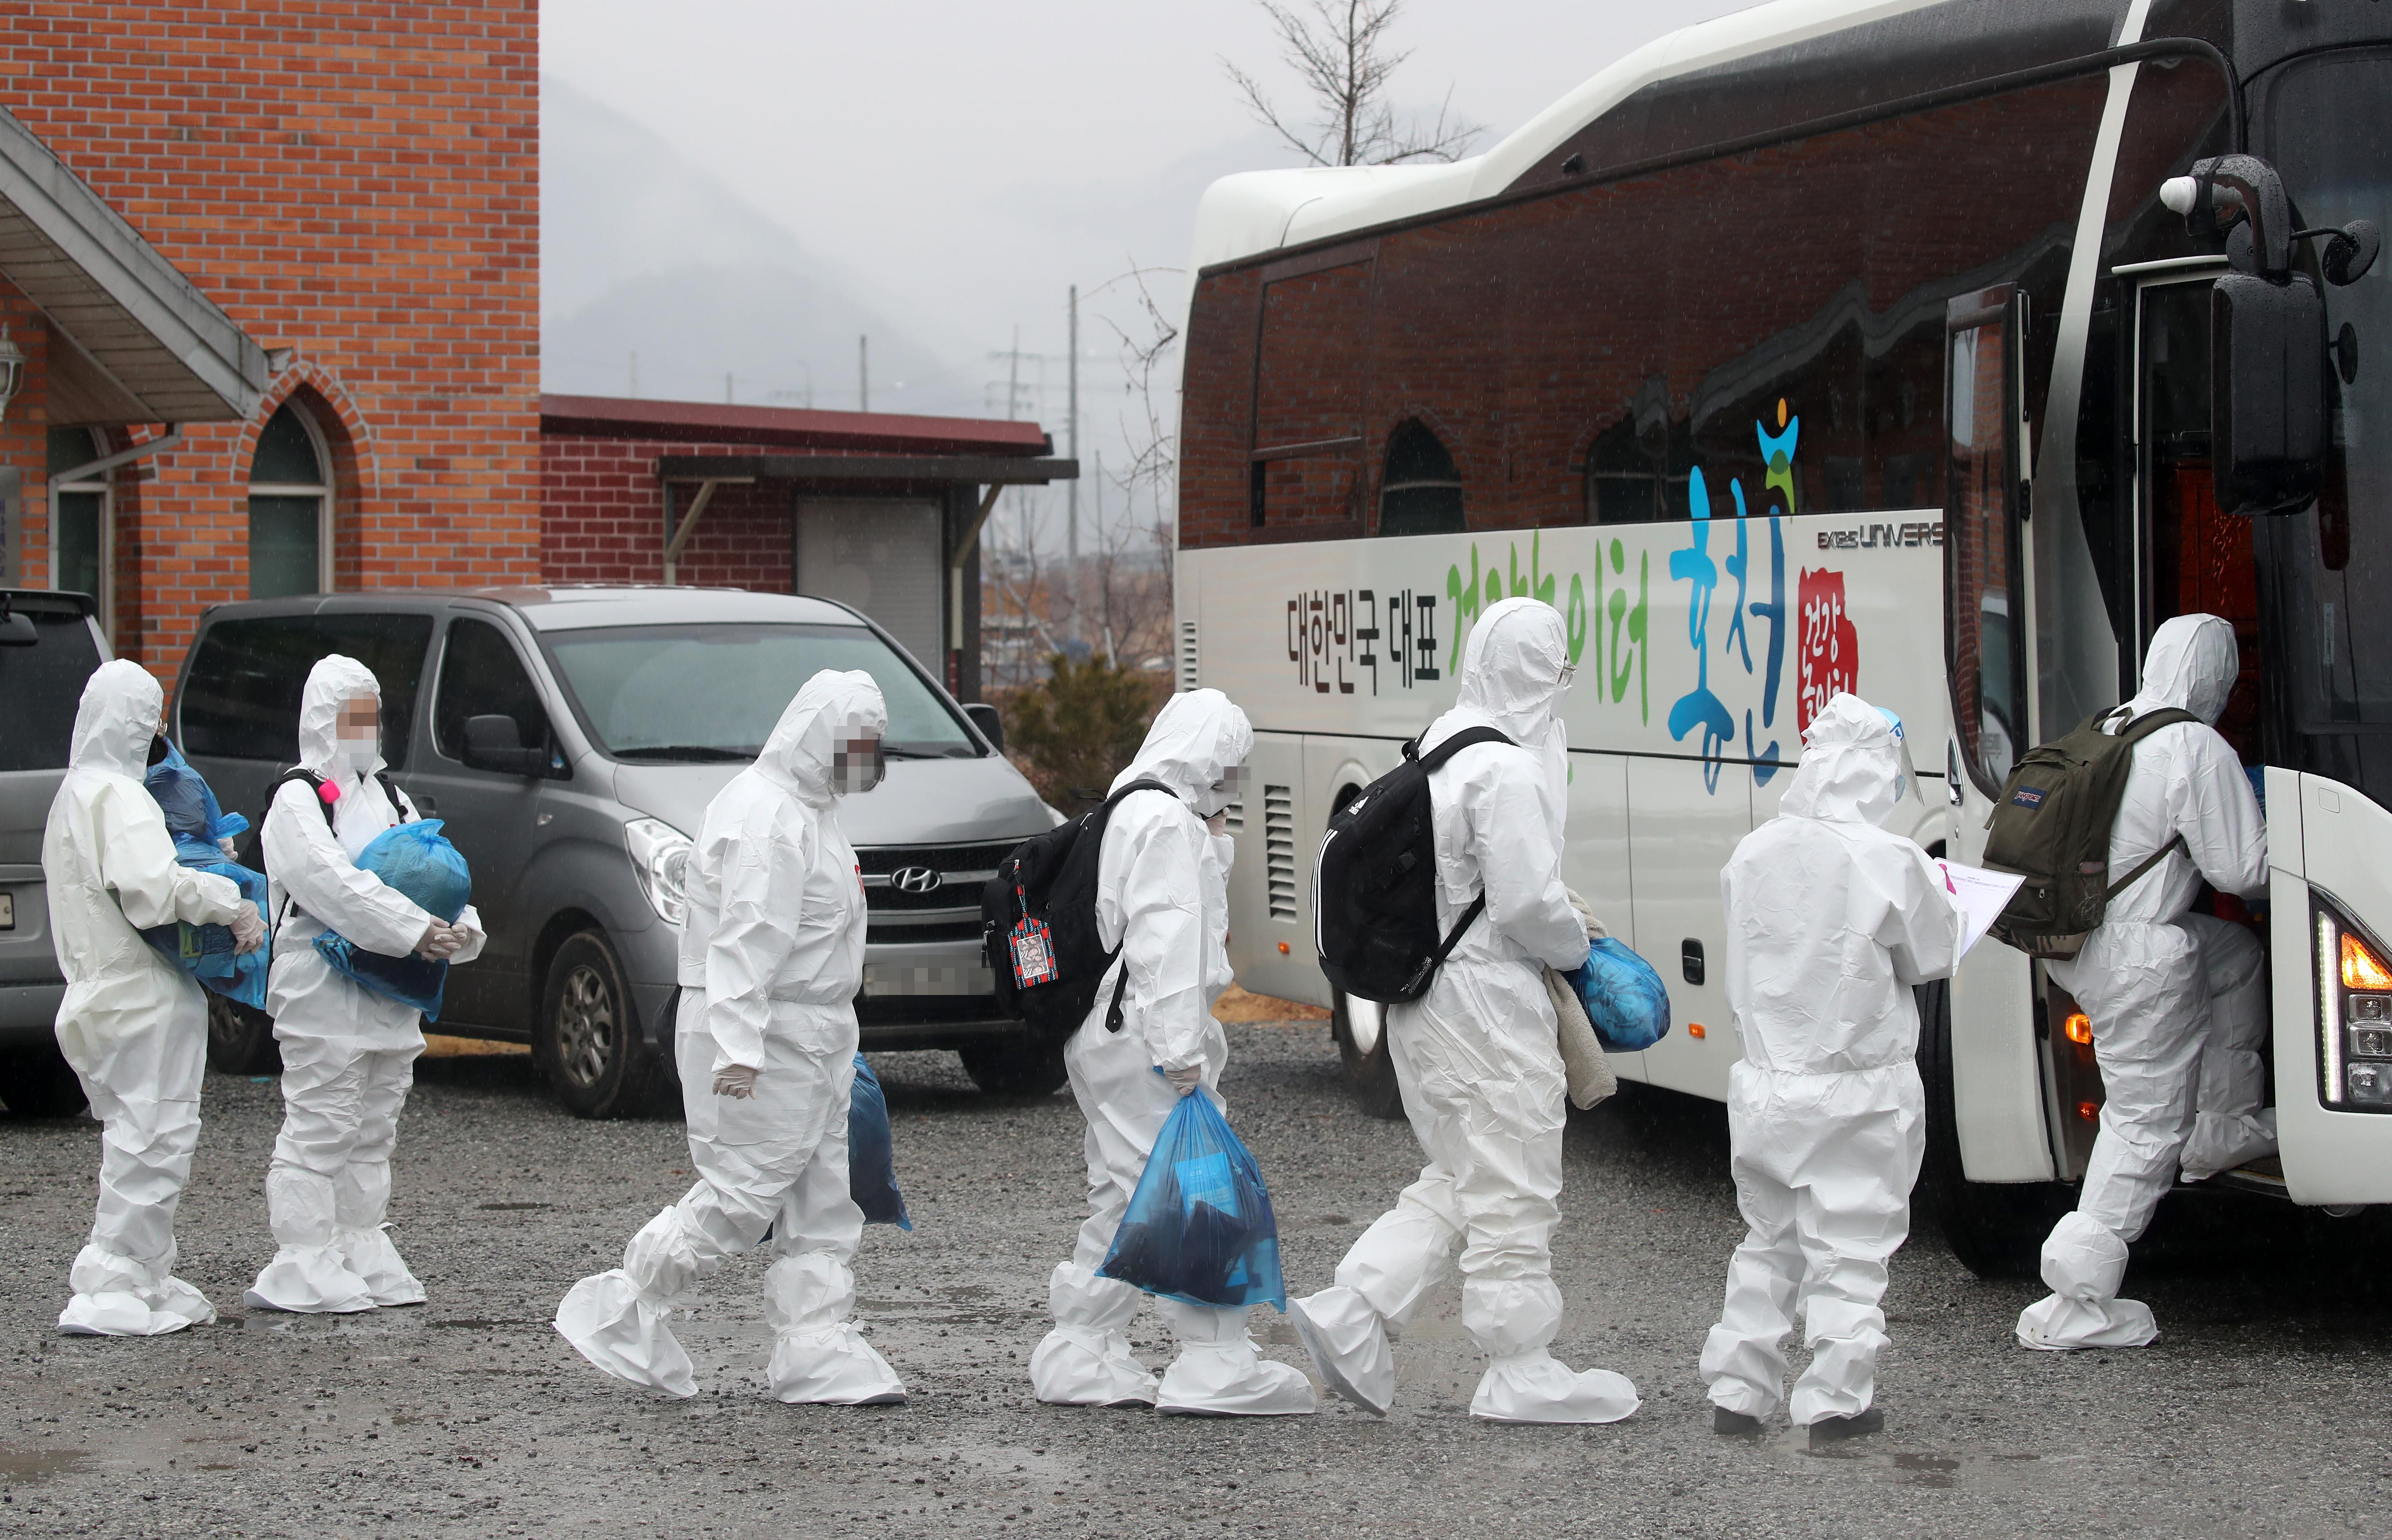 ▲▼南韓大田IEM國際學校爆發大規模感染,學生穿著防護衣前往診療所。(圖/達志影像)